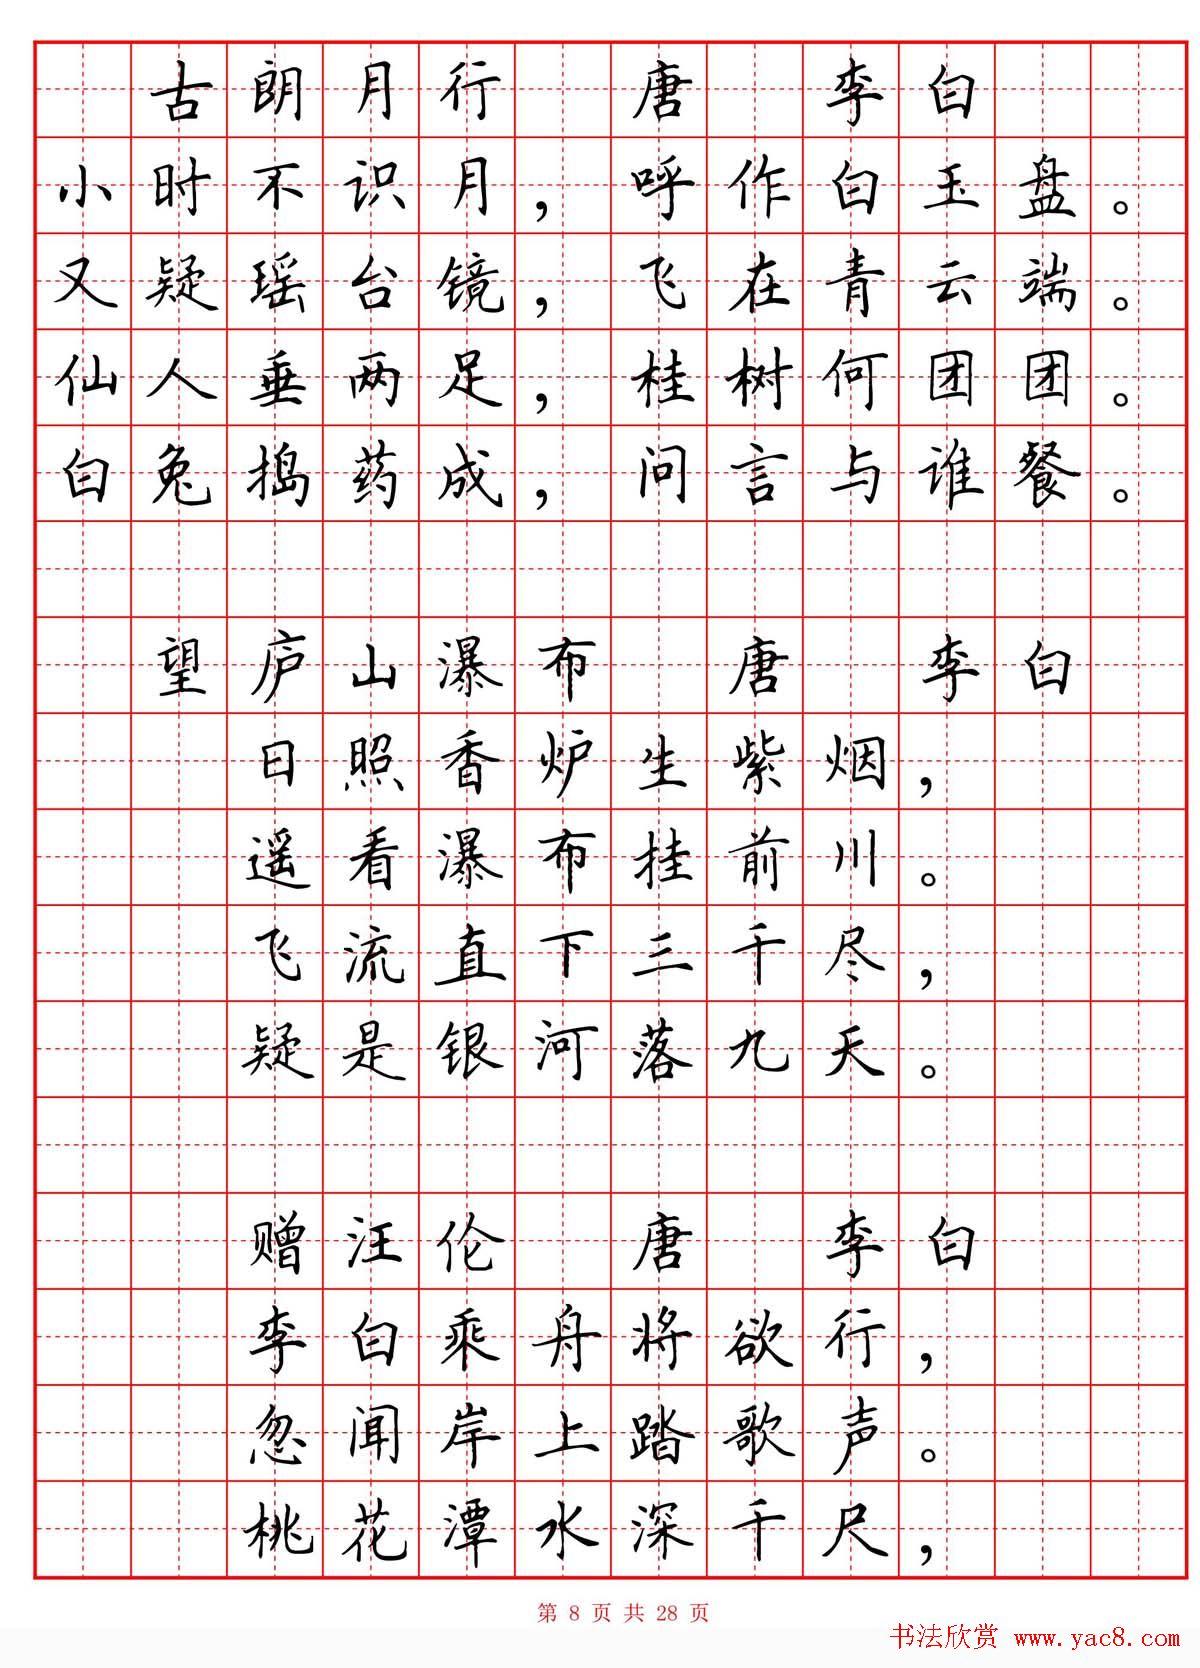 硬笔书法字帖 小学生必背古诗词八十首 第8页 钢笔字帖 书法欣赏